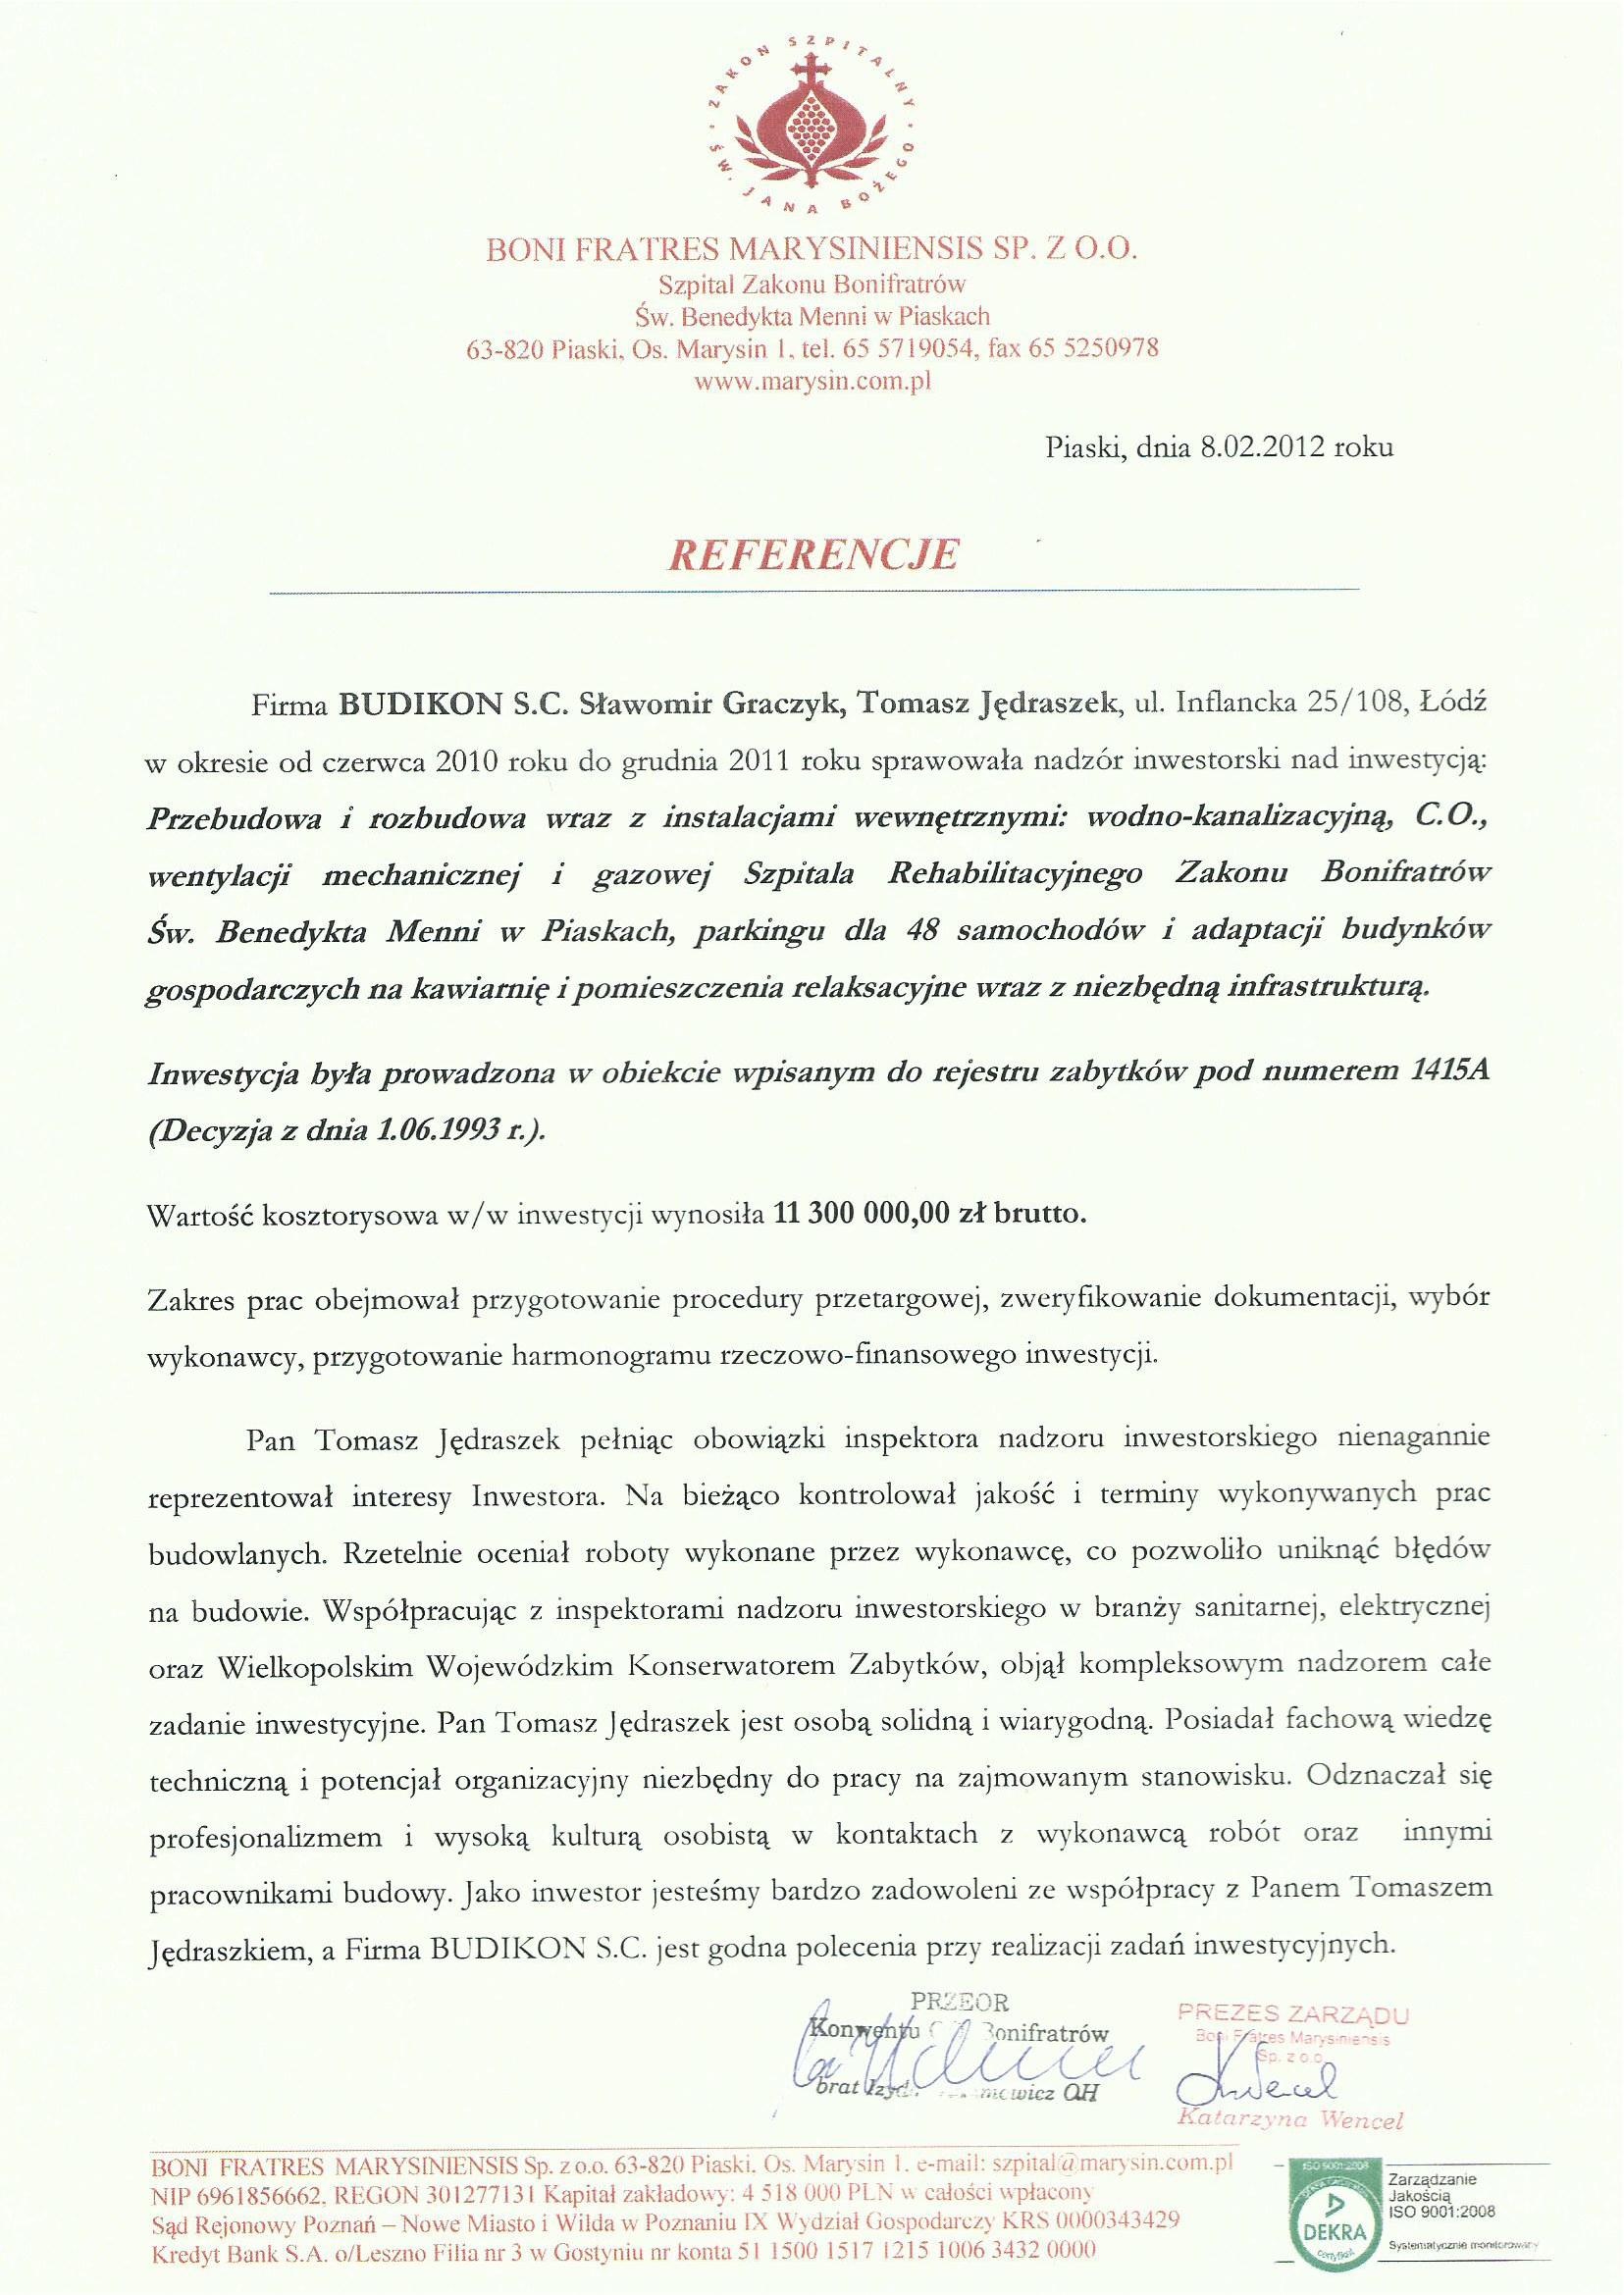 1_SZPITAL_ZAKONU_BONIFRATRoW_w_PIASKACH-1